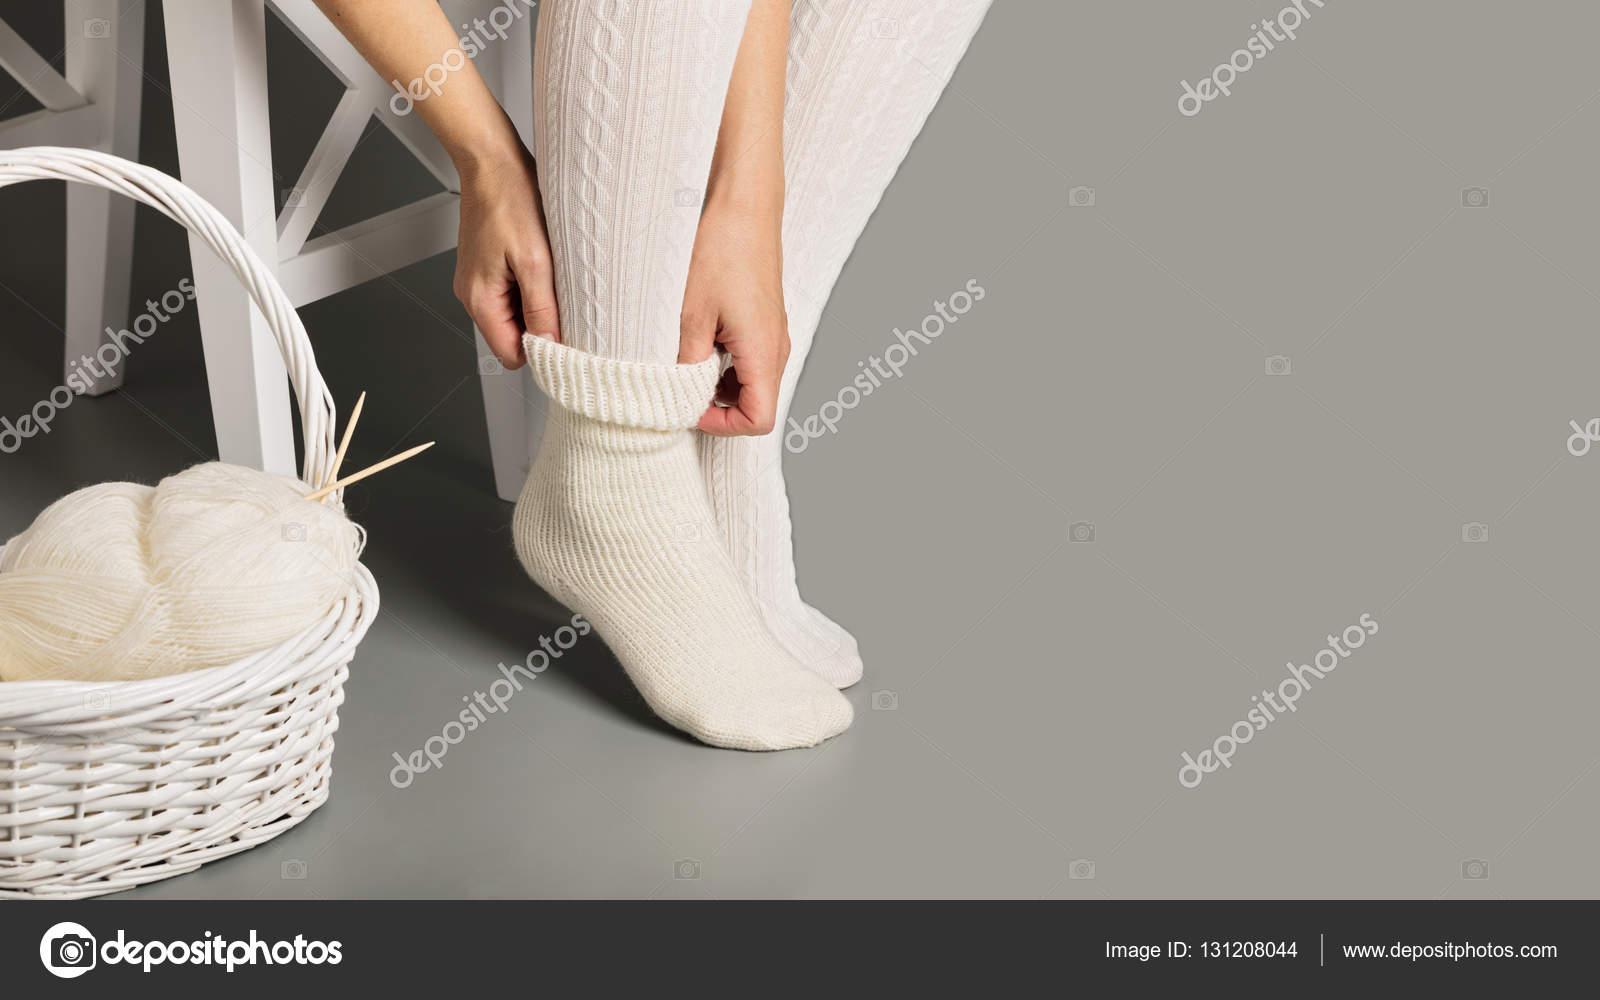 фото вязаные гольфы женские ноги в белые вязаные чулки и носки